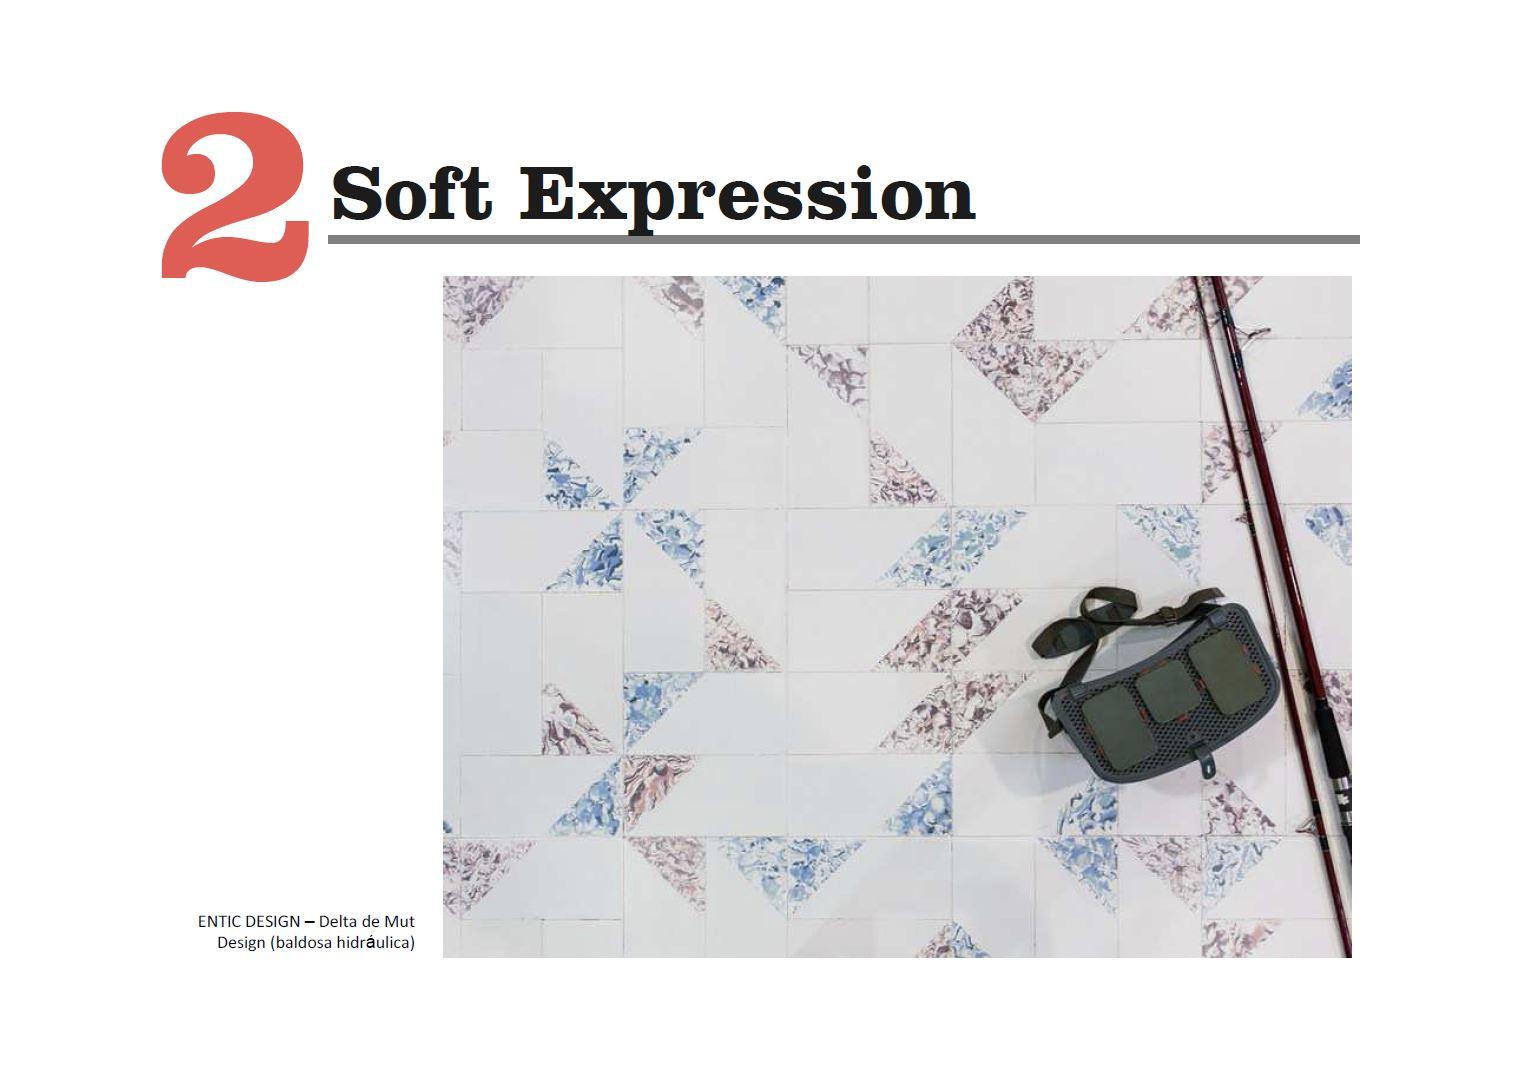 Soft-expression-tendencias-ceramicas-2016-oth-ceramica-a-mano-alzada